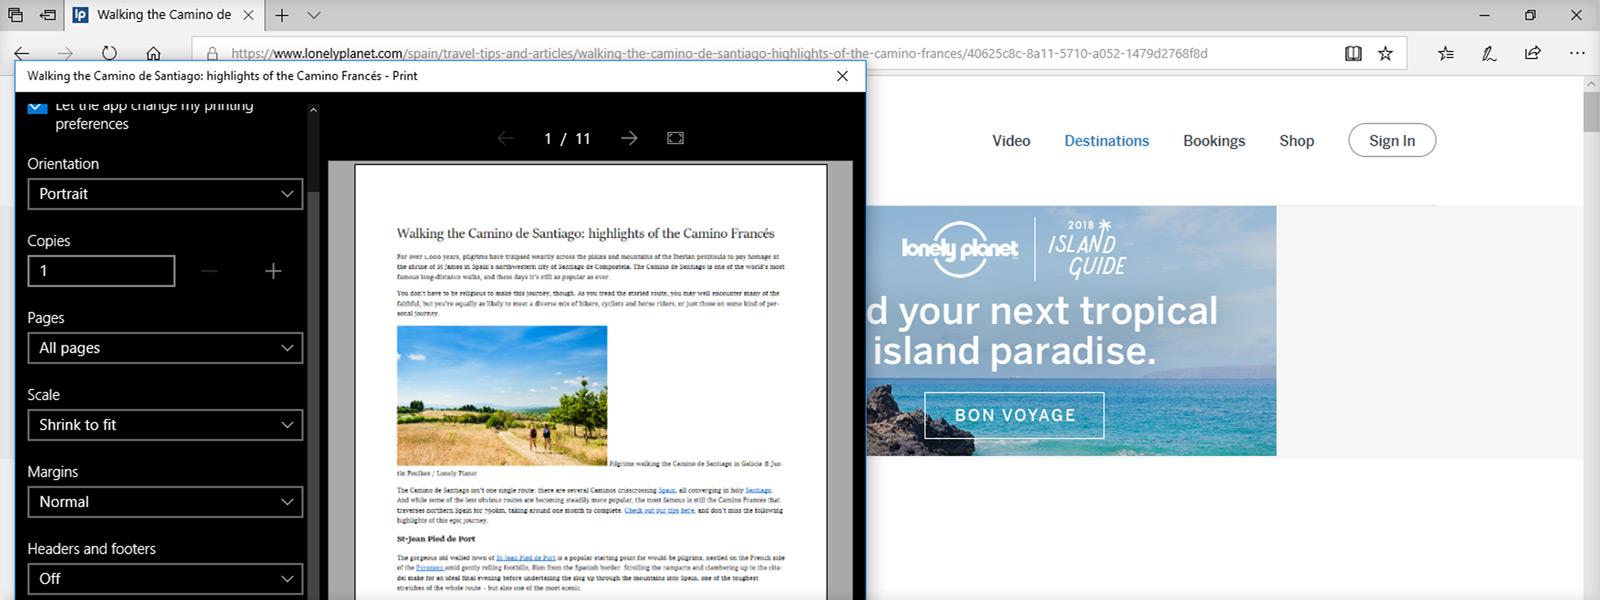 Schermafbeelding van een afdrukvoorbeeld in Edge waarbij de advertenties op een bepaalde webpagina ontbreken